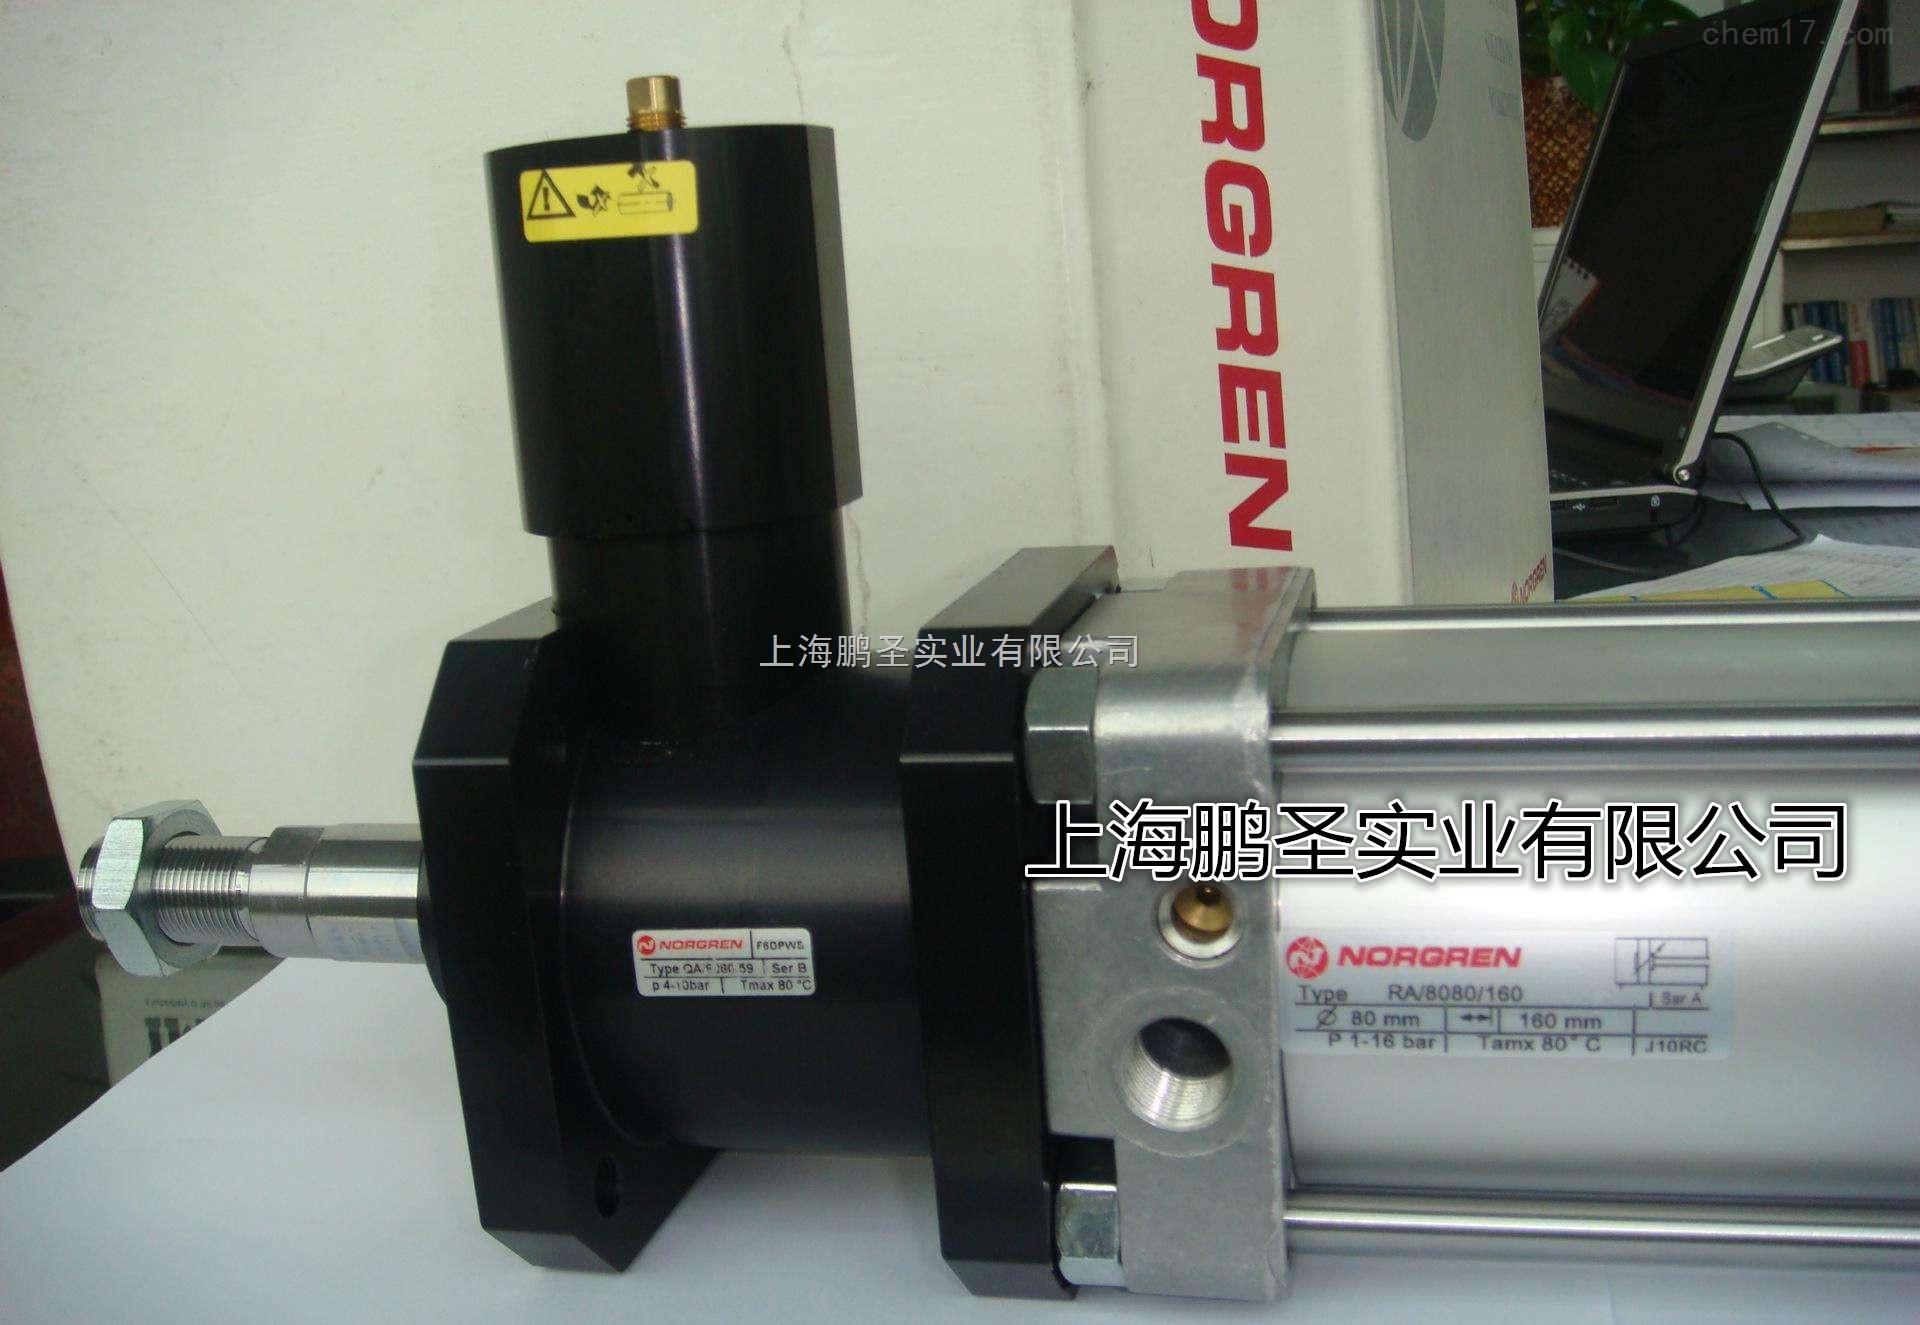 一级代理NORGREN气缸RA/8080/160报价